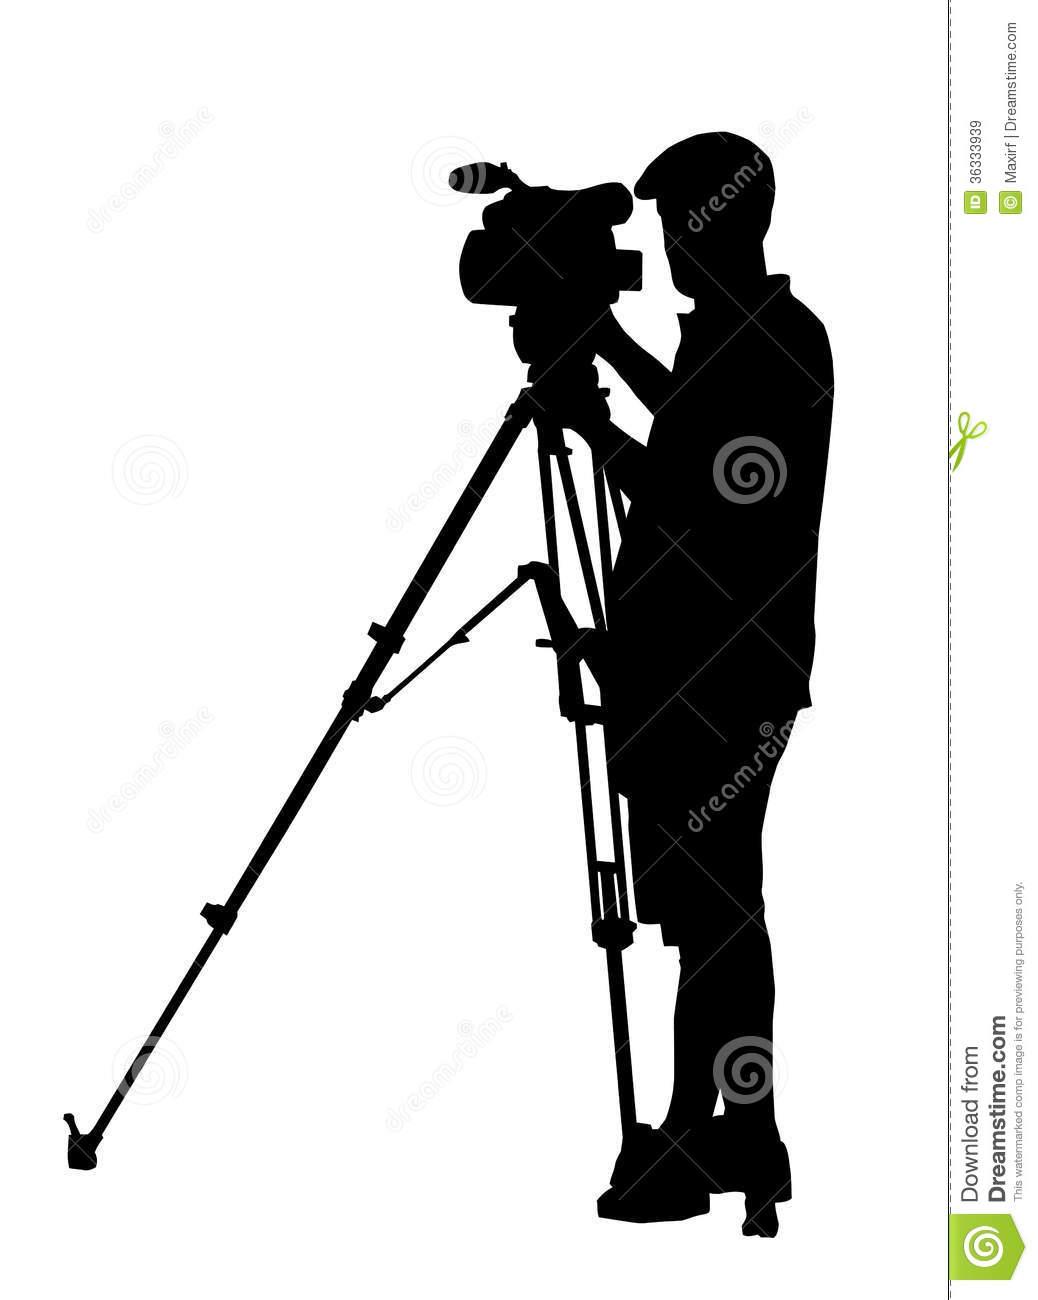 1038x1300 Vireo Clipart Cameraman